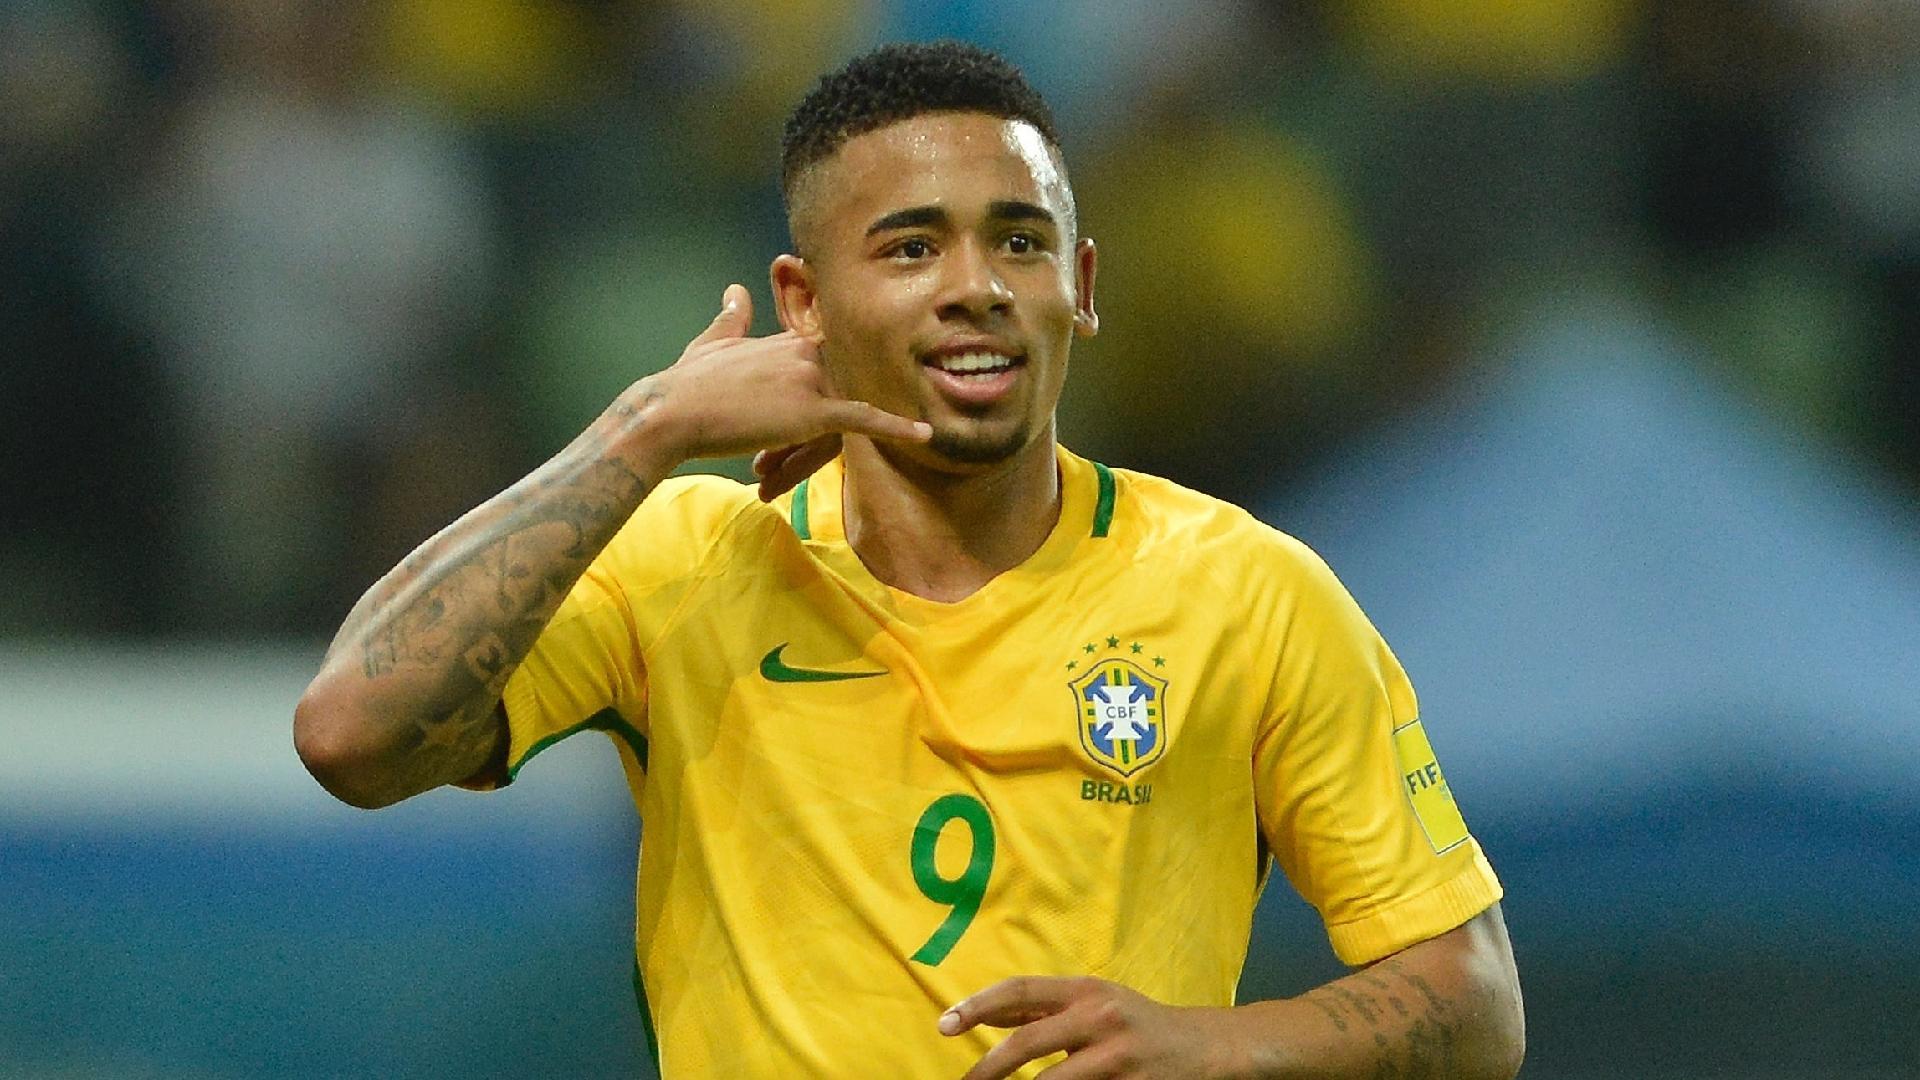 Gabriel Jesus comemora gol marcado contra o Chile, em jogo válido pelas Eliminatórias